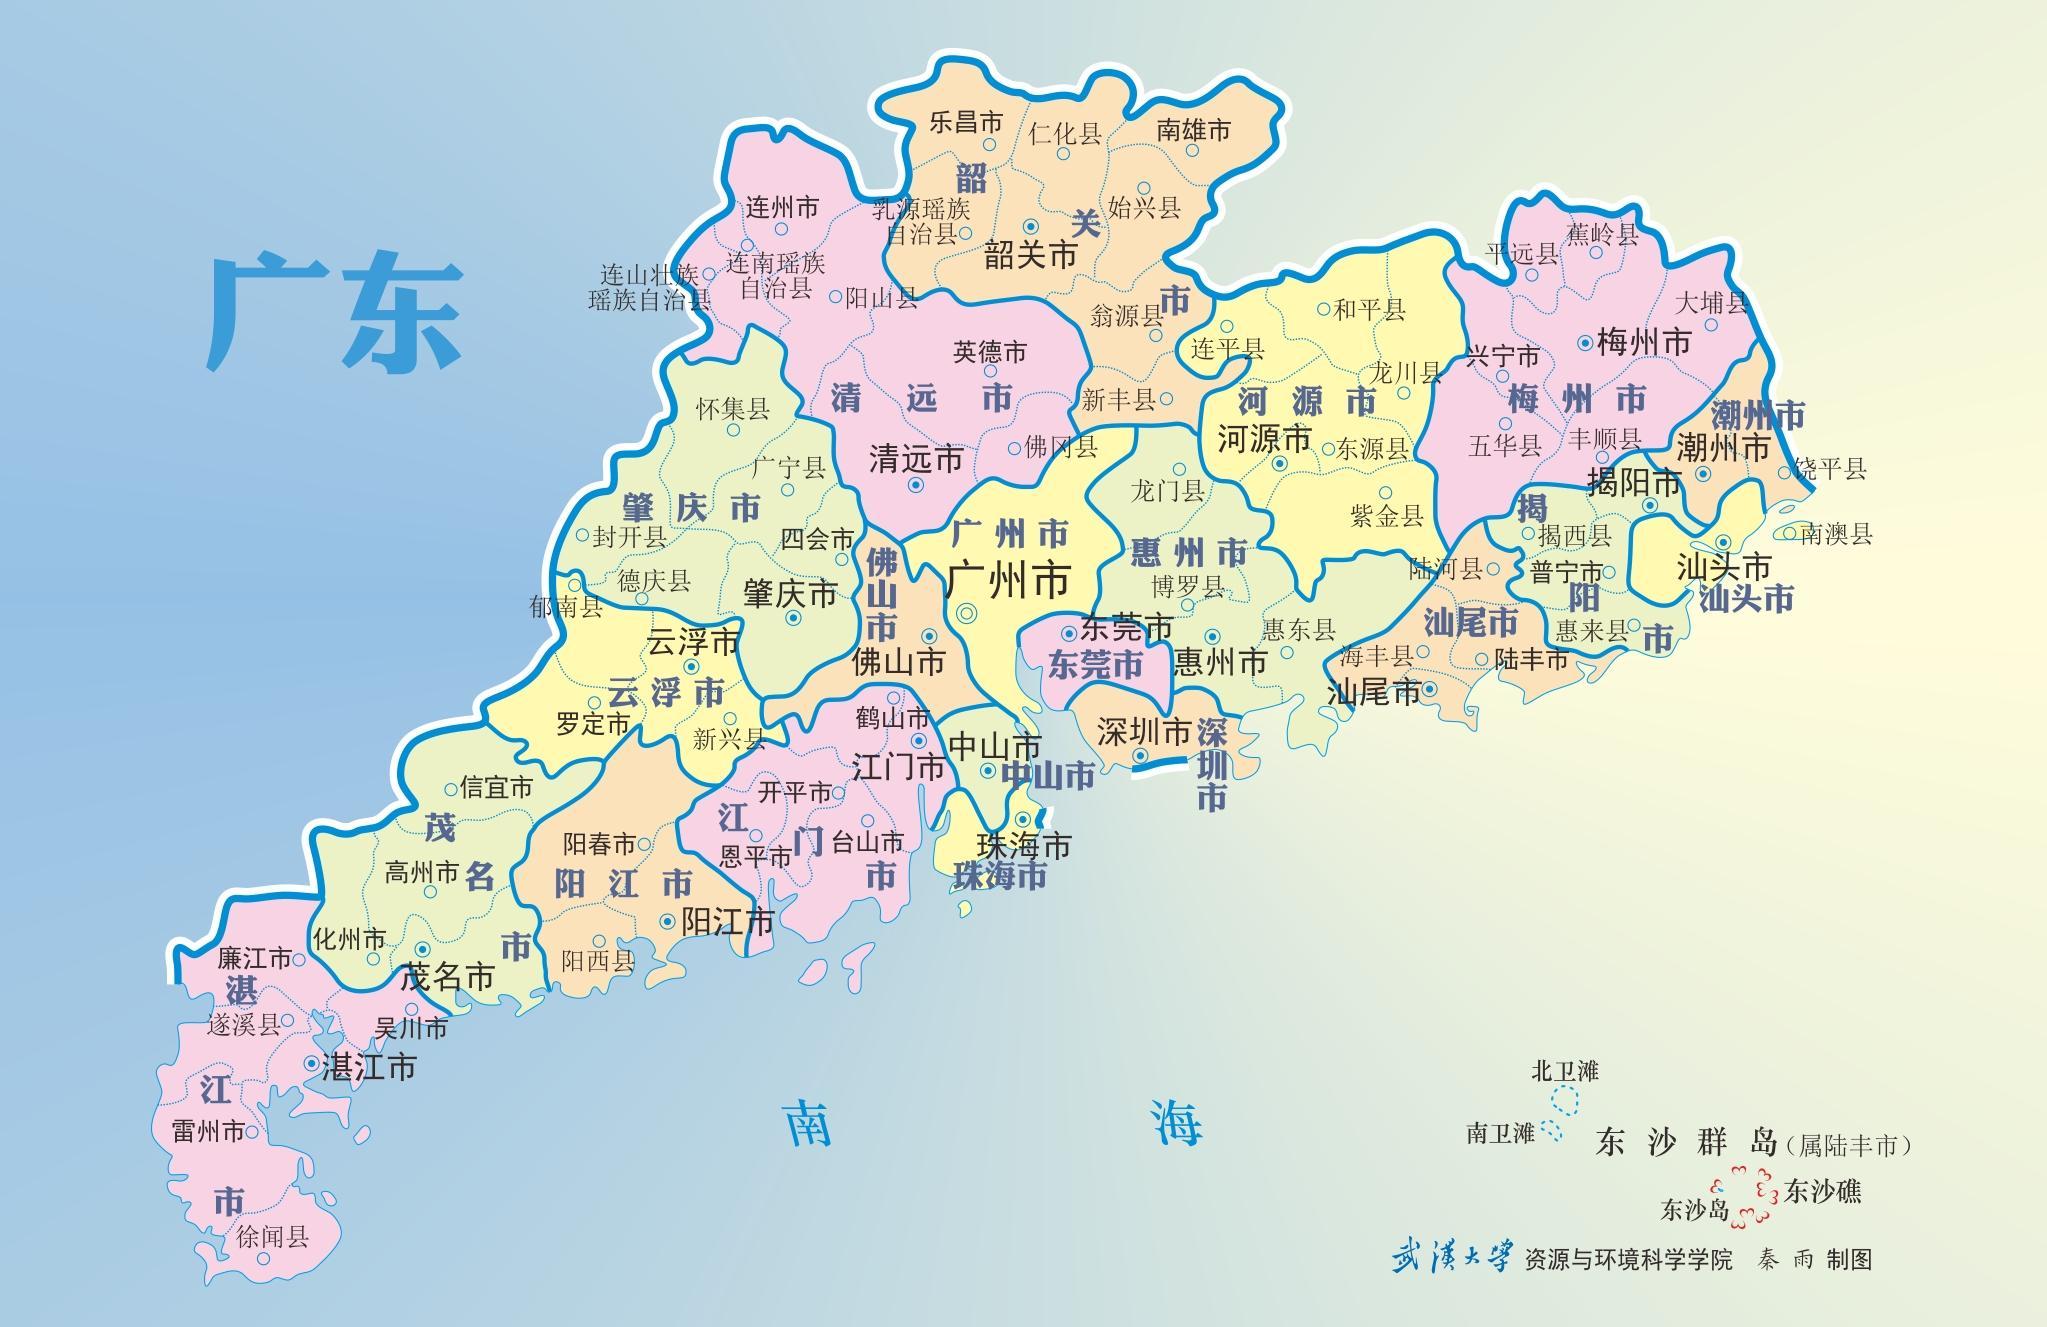 广东地图-广东 中华人民共和国省级行政区 搜狗百科